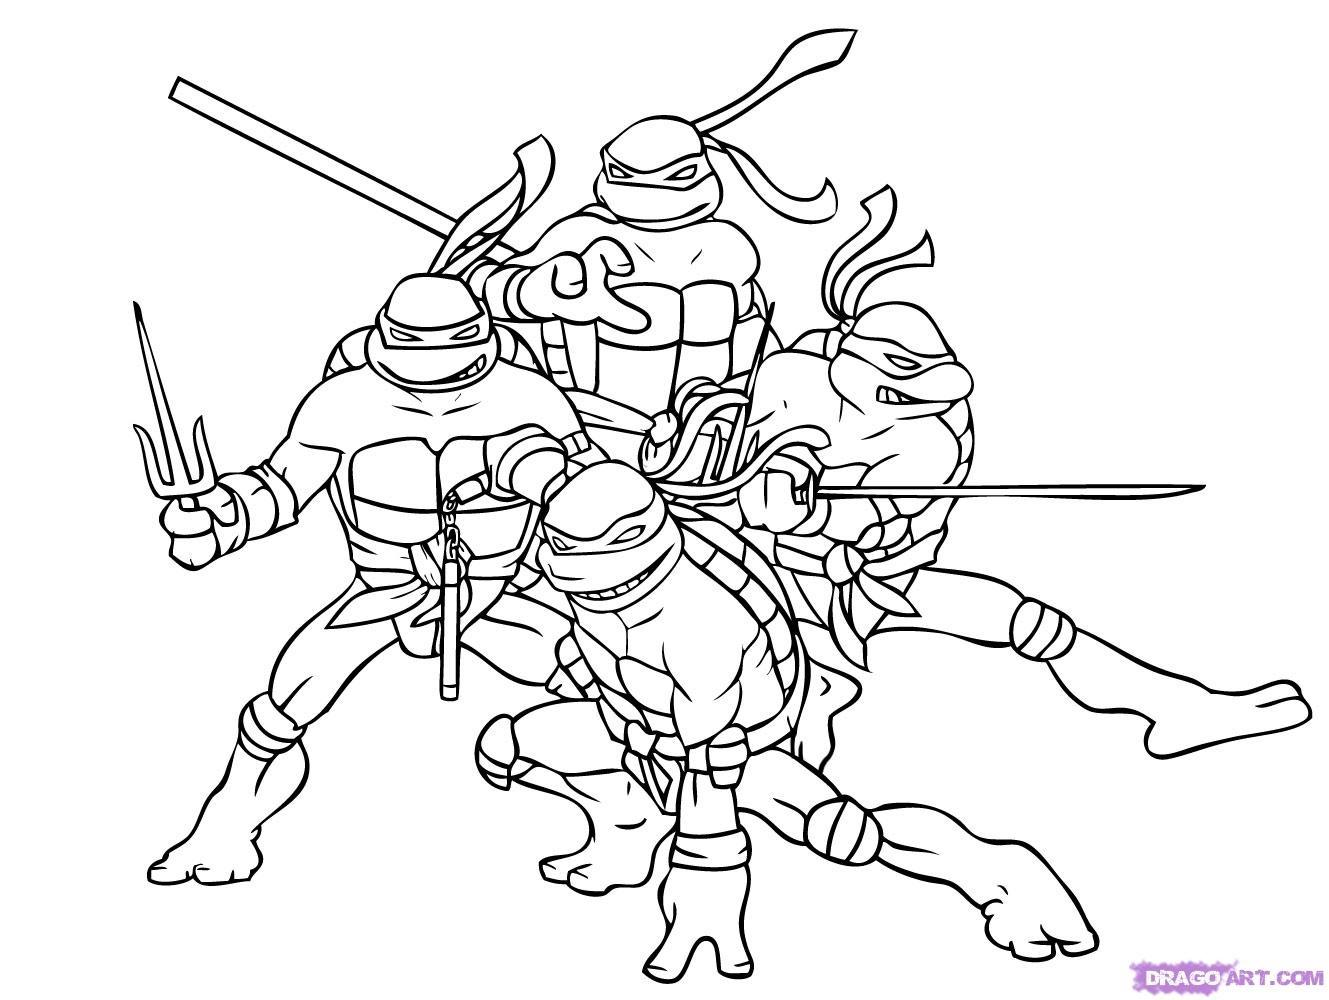 Ninja Turtle Coloring Page Ninja Turtle Coloring Pages Free - Teenage Mutant Ninja Turtles Printables Free